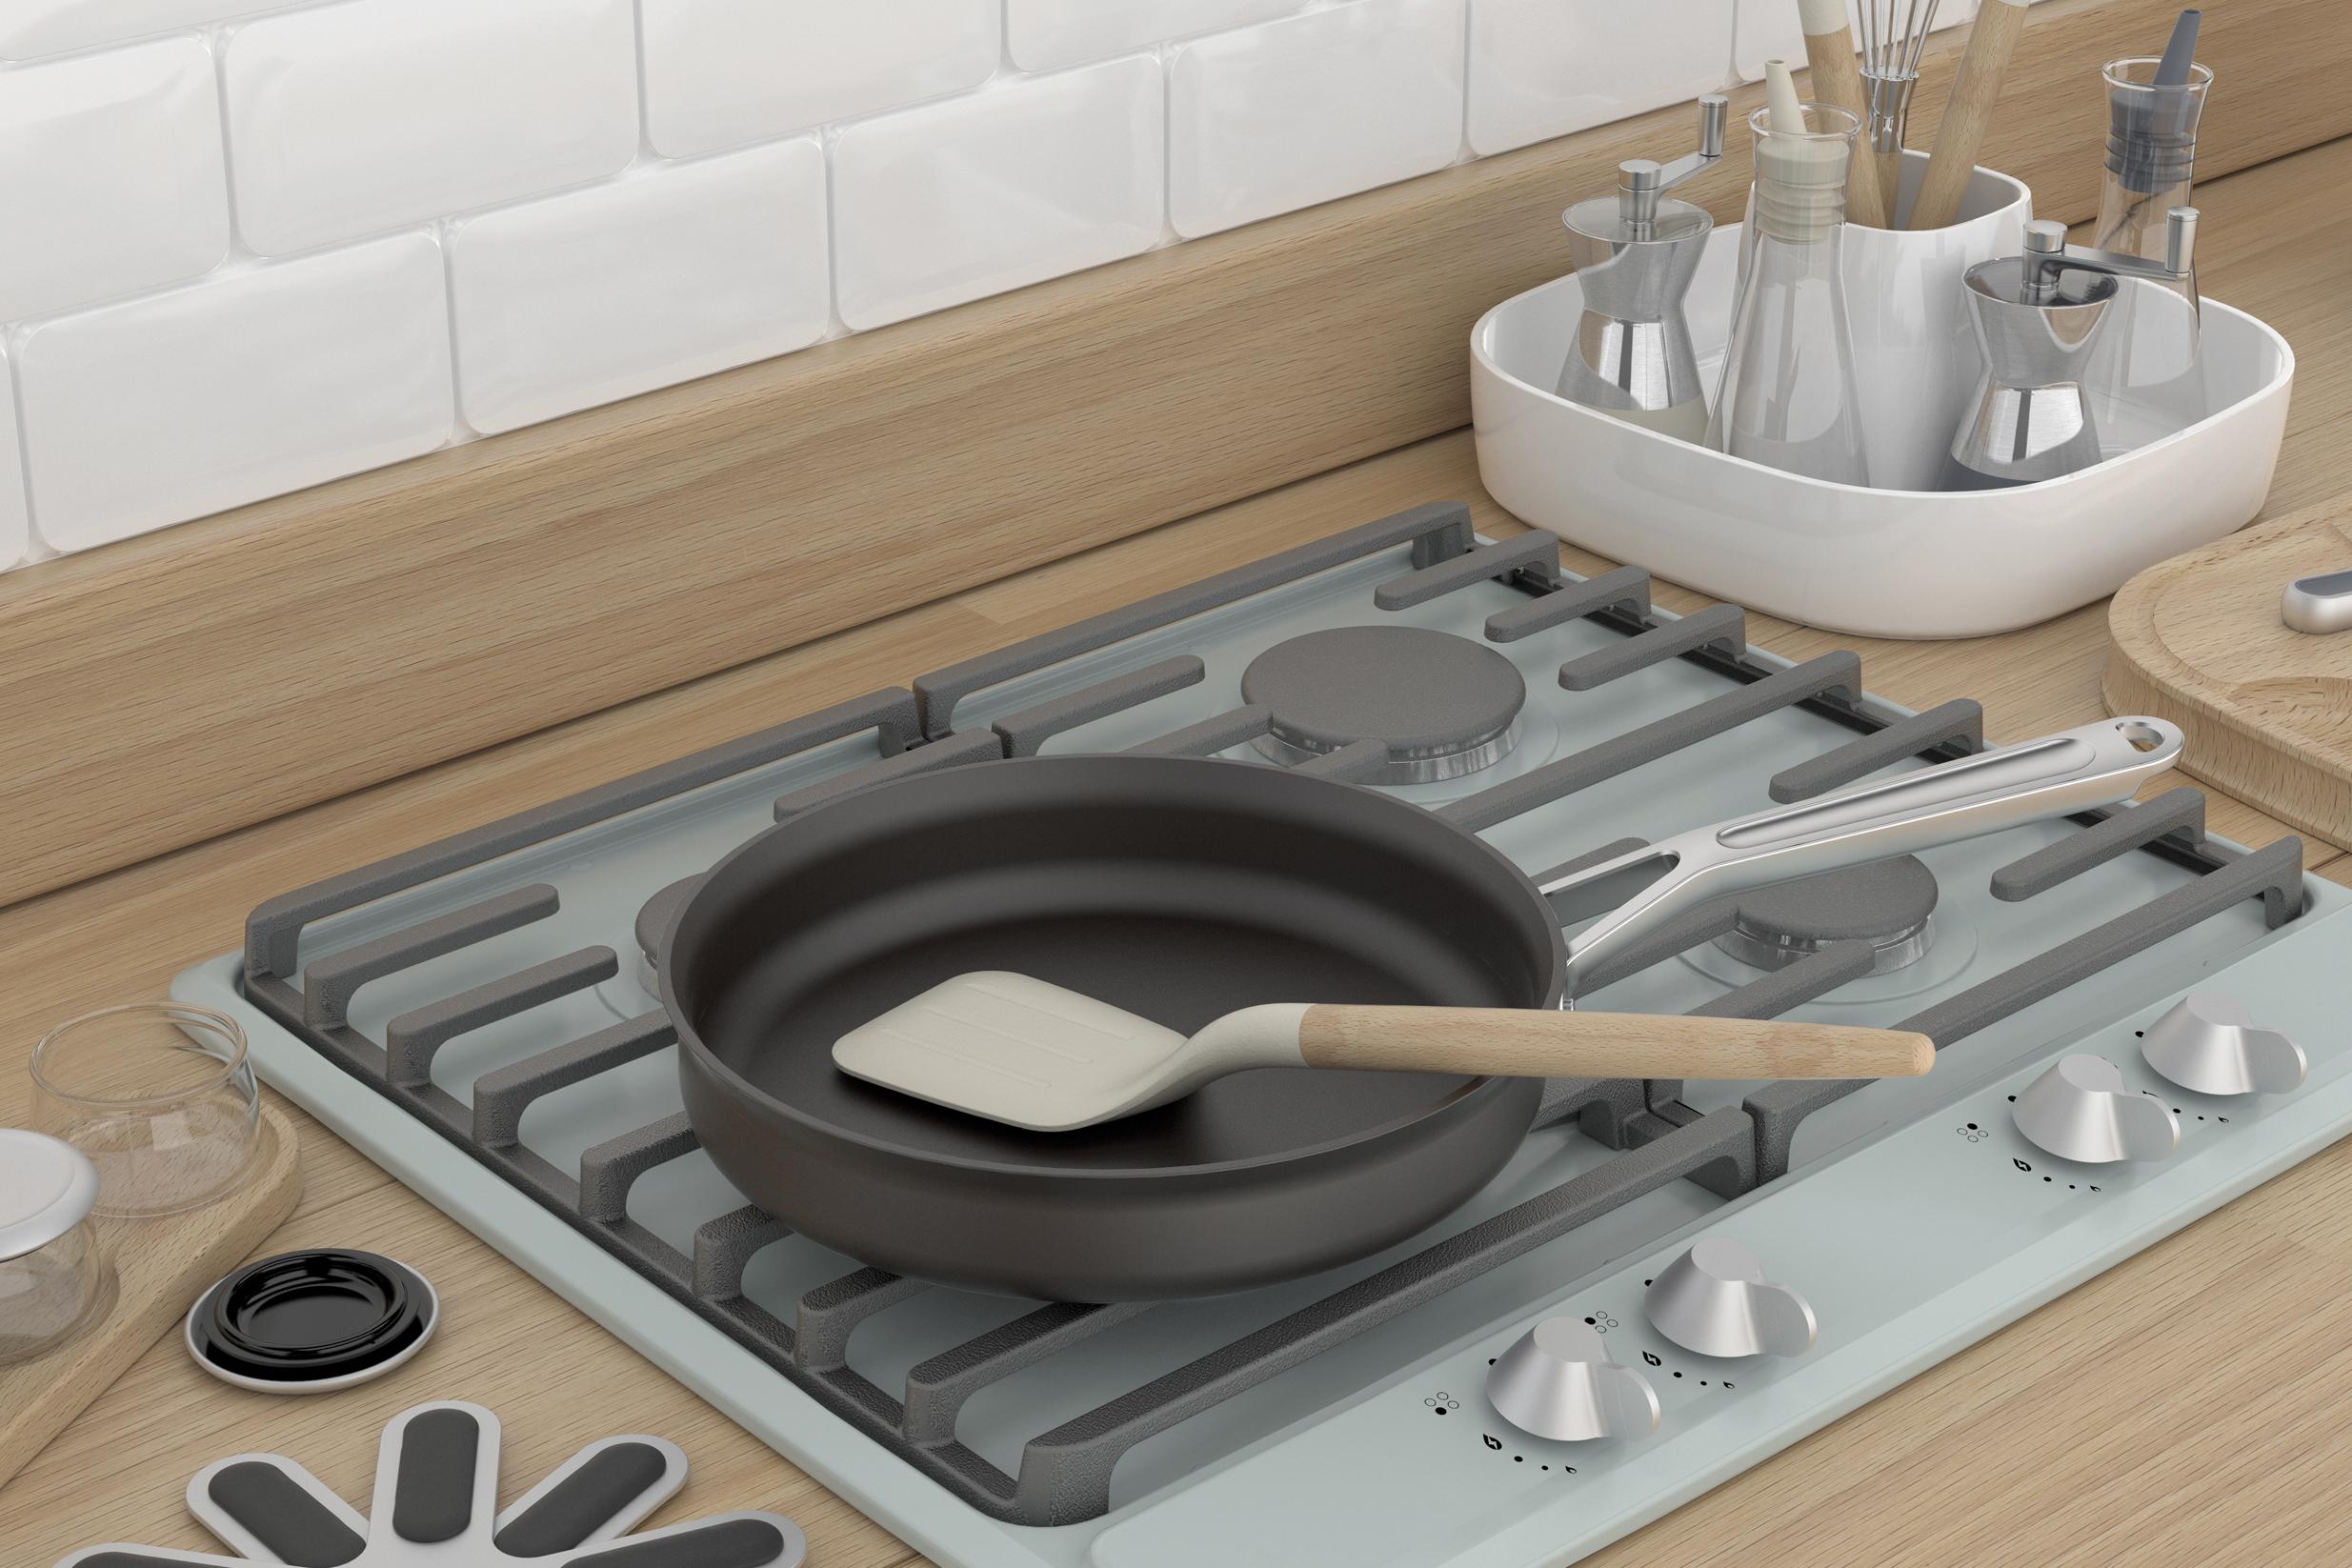 Cooking Belling 840.jpg